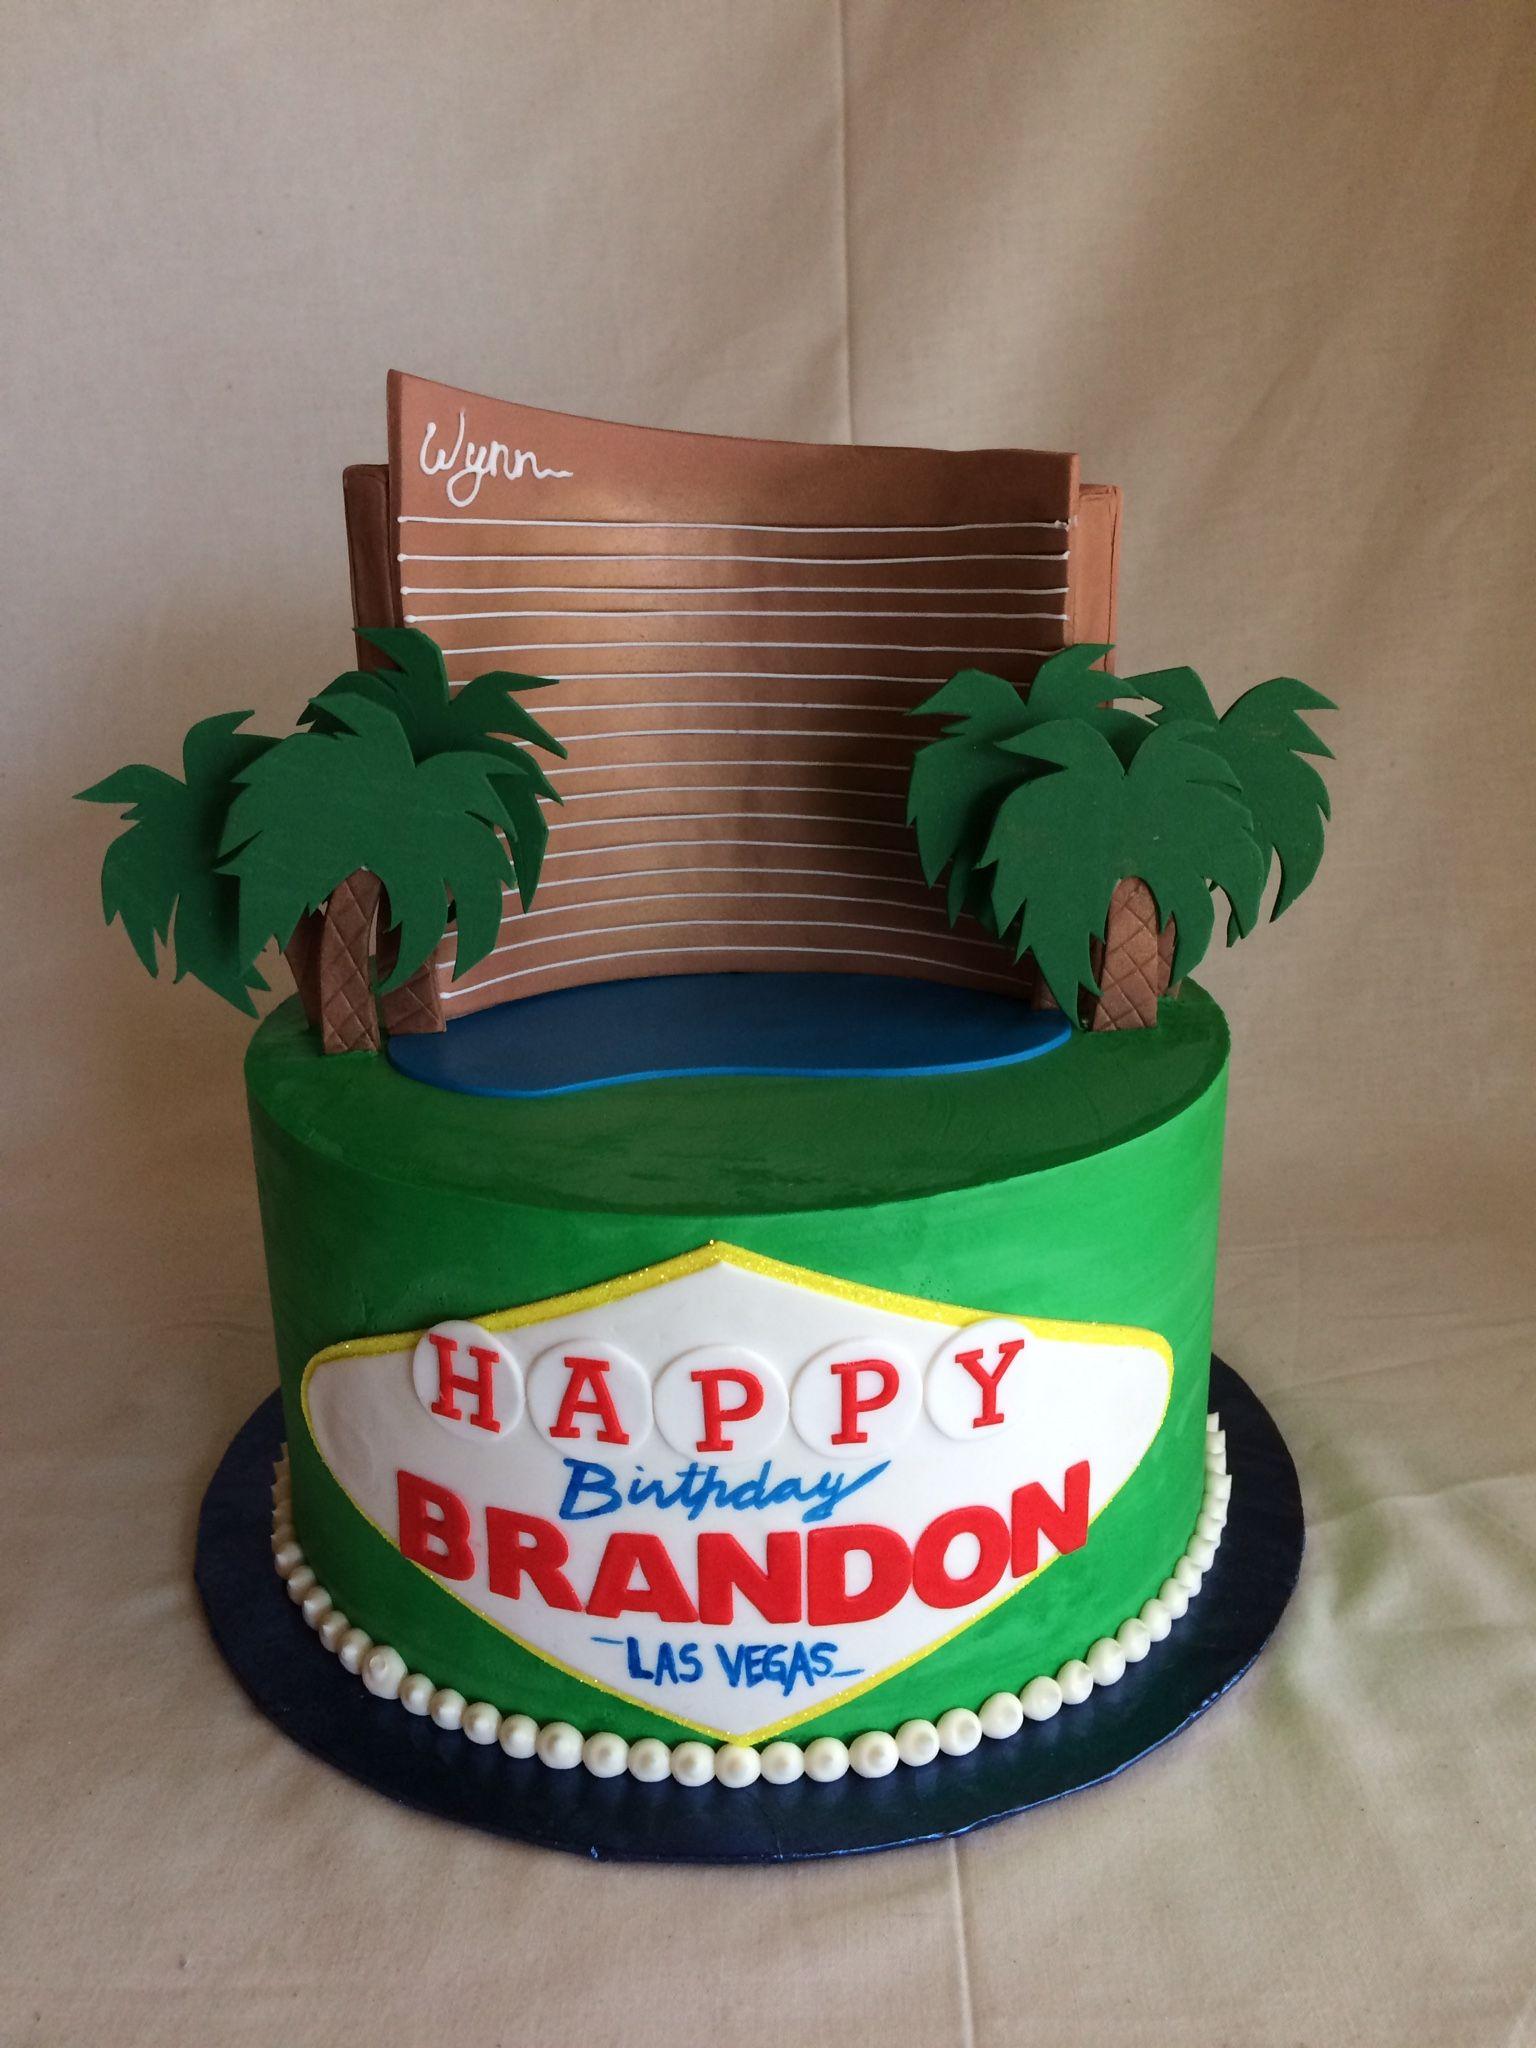 Surprising Birthday Cake Las Vegas Wynn With Images Cake Custom Cakes Personalised Birthday Cards Xaembasilily Jamesorg